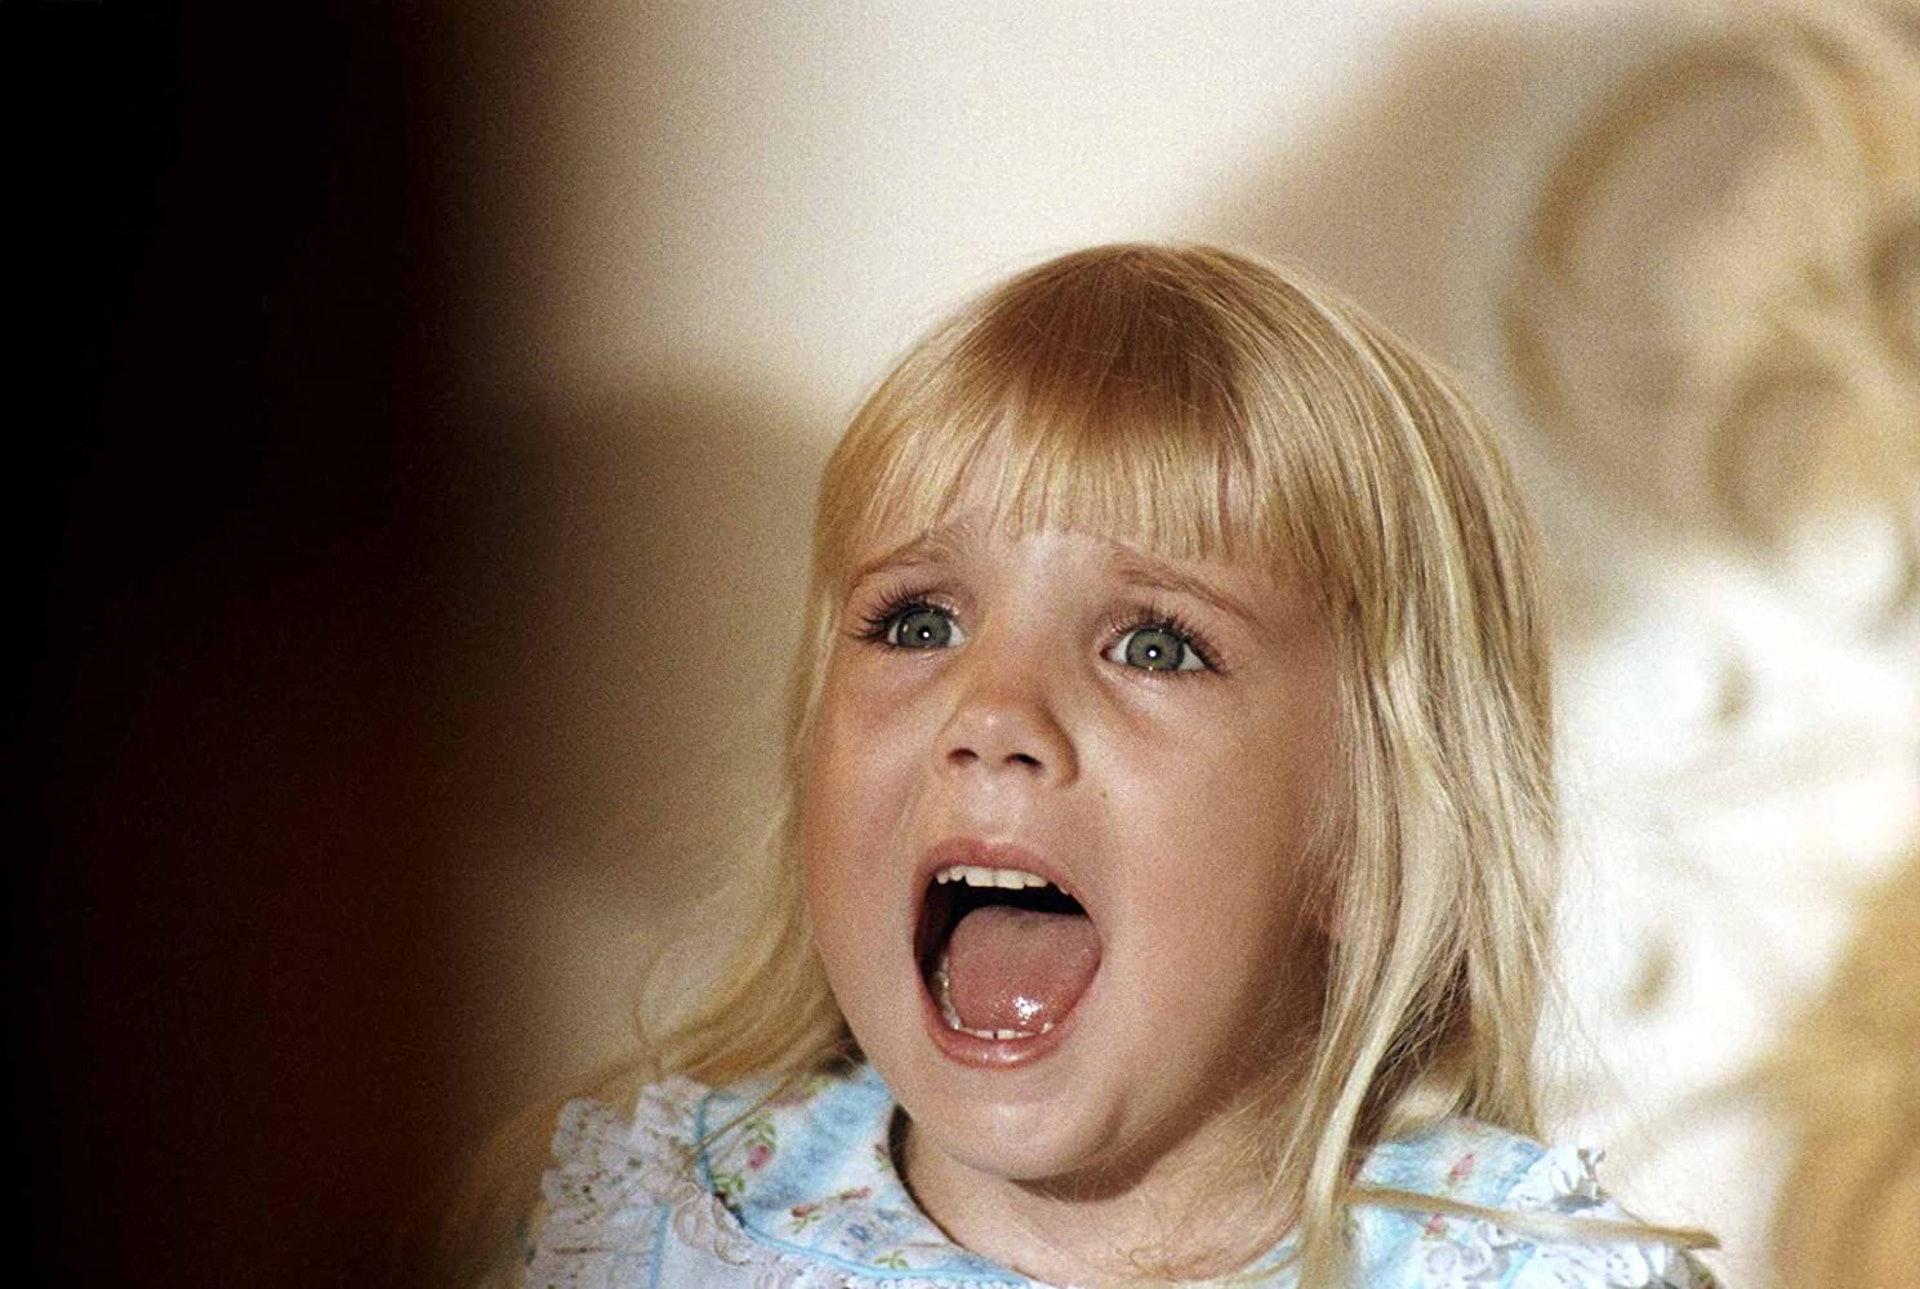 《鬼驅人》小演員Heather O'Rourke在拍攝第三集時突然死亡,終年12歲。(網上圖片)。(《鬼驅人》劇照)